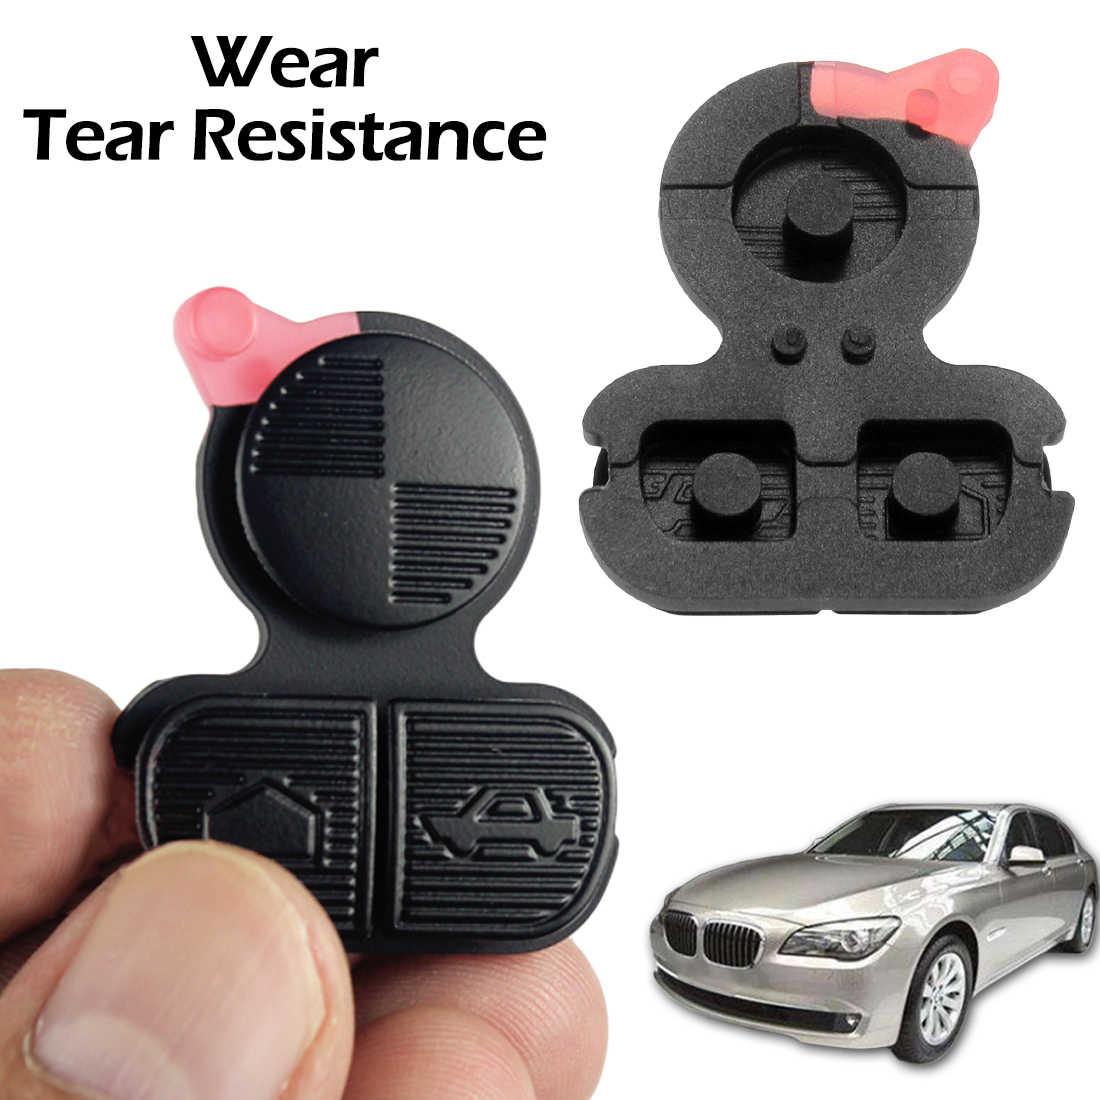 سيارة مفتاح حامل السيارات مفتاح علبة 3 أزرار مفتاح قذيفة لسيارات BMW سلسلة 3 5 7 E36 E38 E39 Z3 Z4 Z8 X3 X5 سيليكون سيارة قذيفة